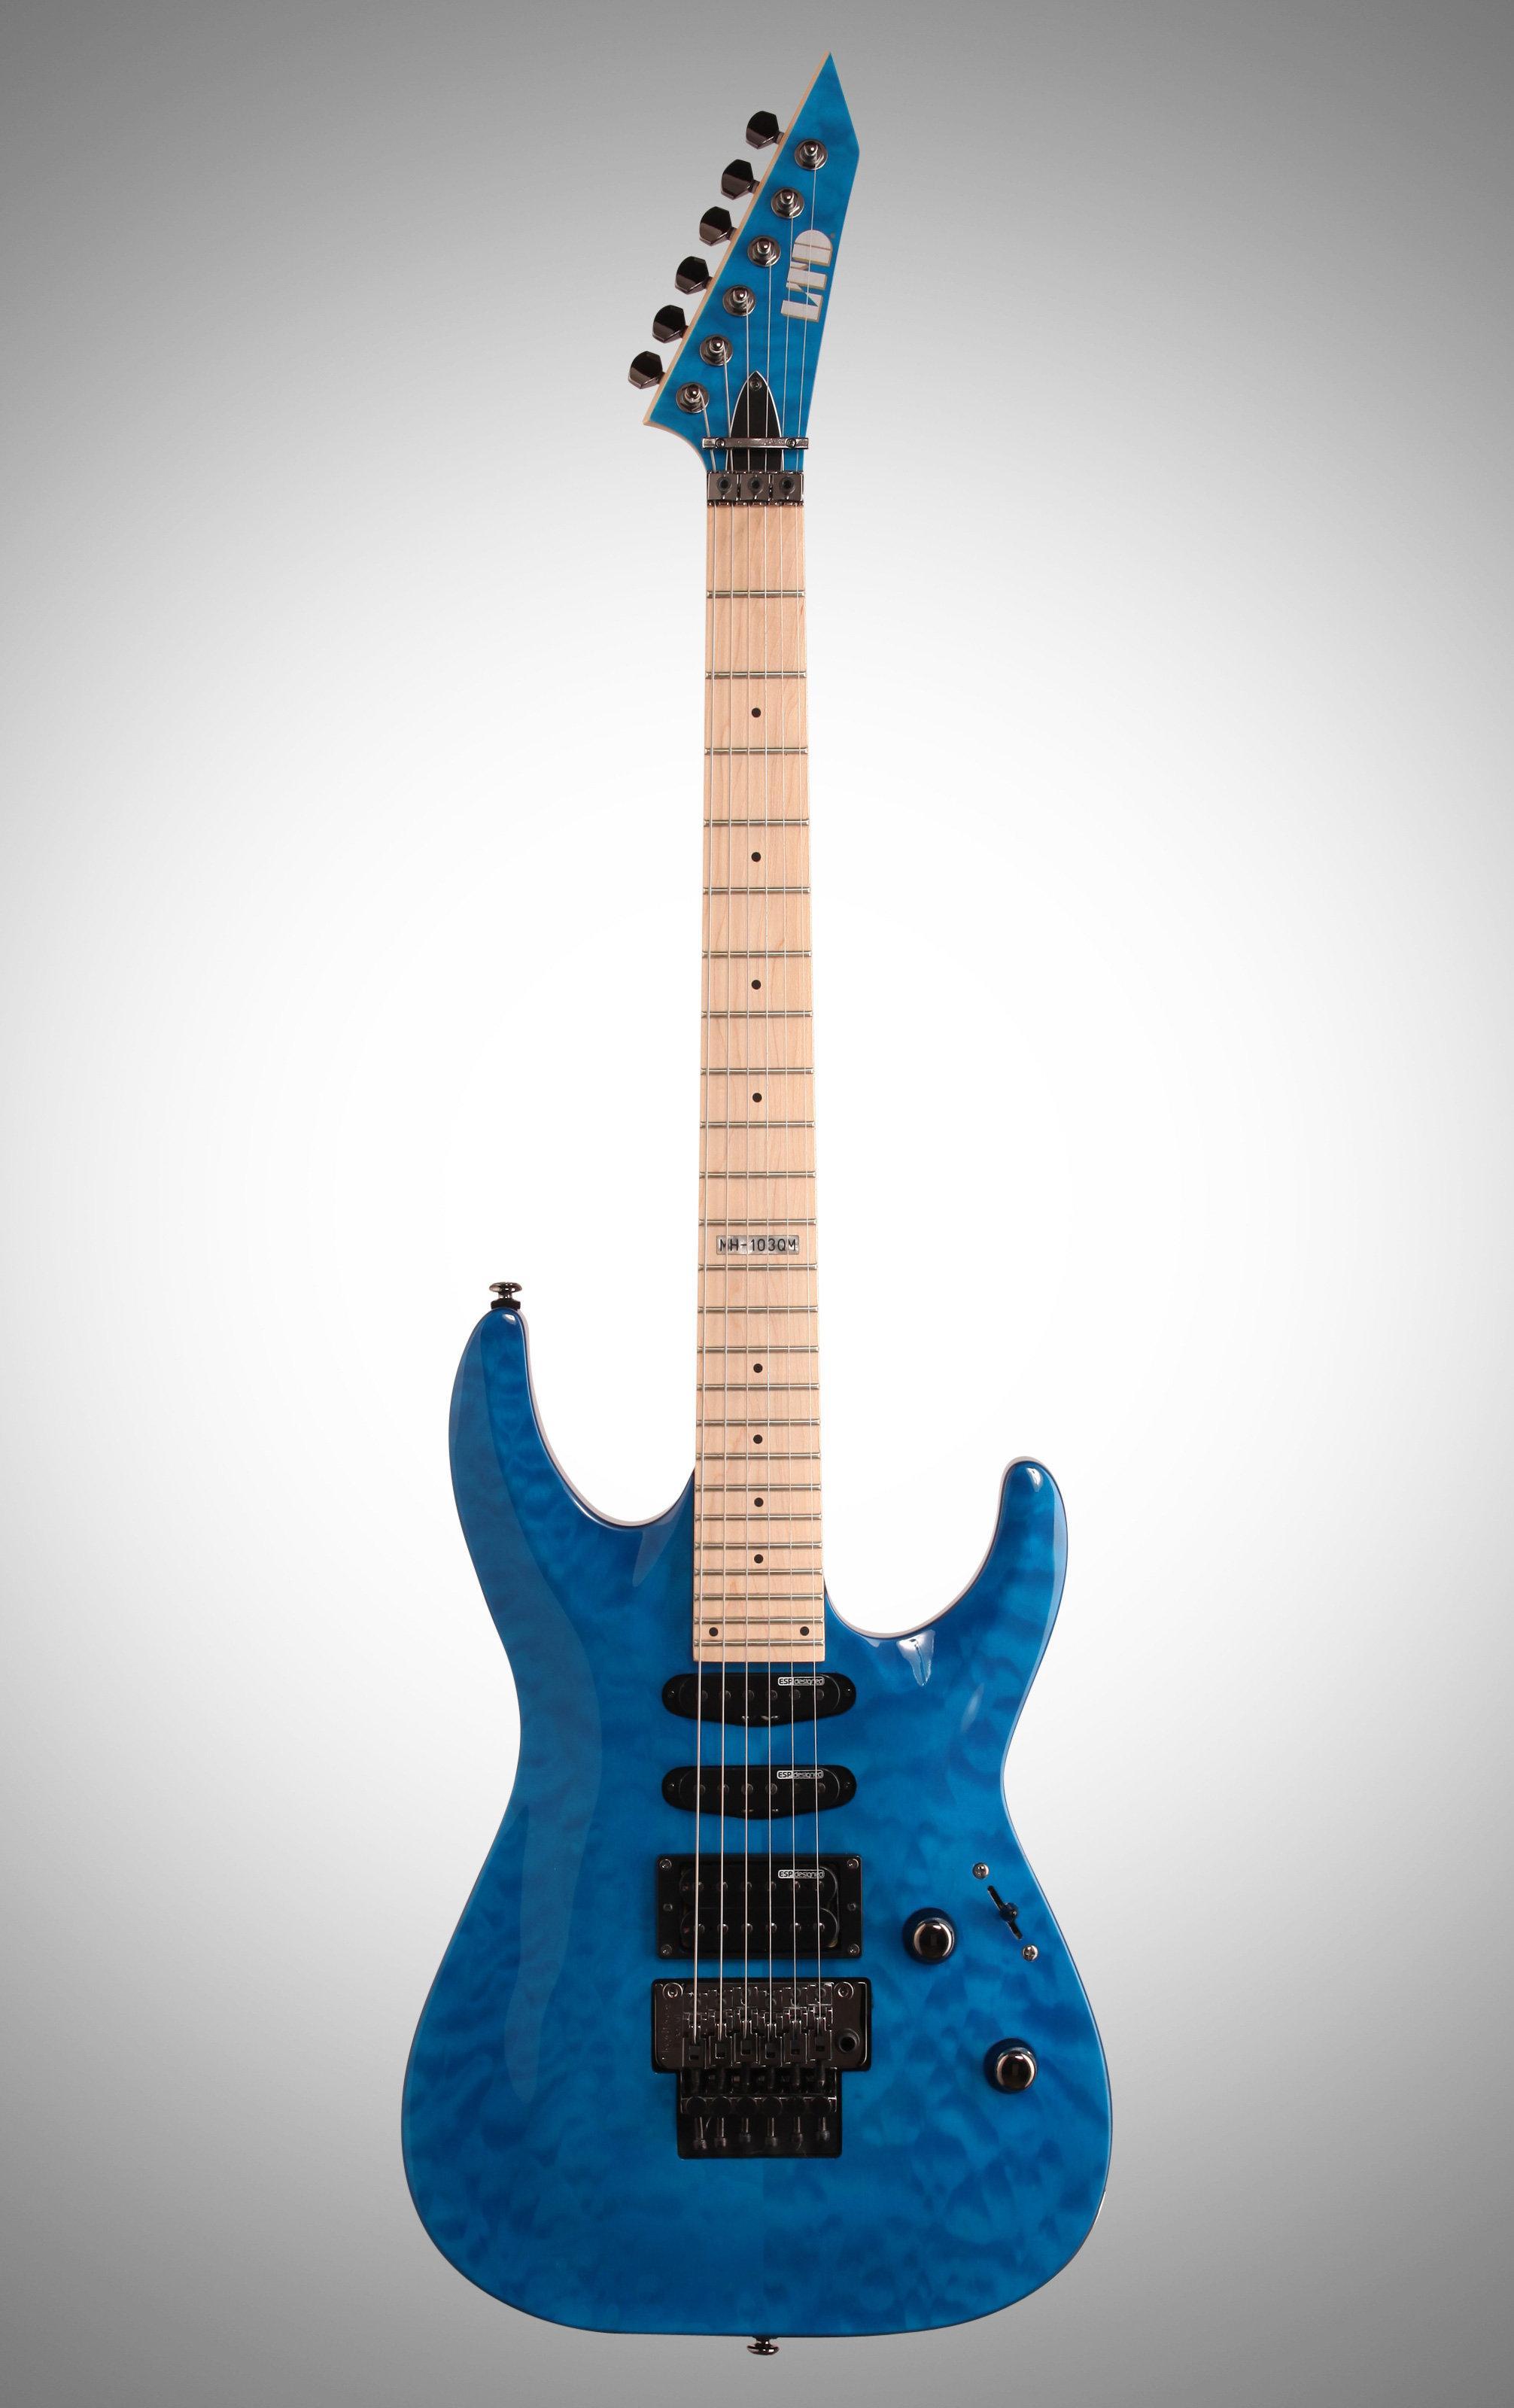 esp ltd mh 103qm electric guitar see thru blue